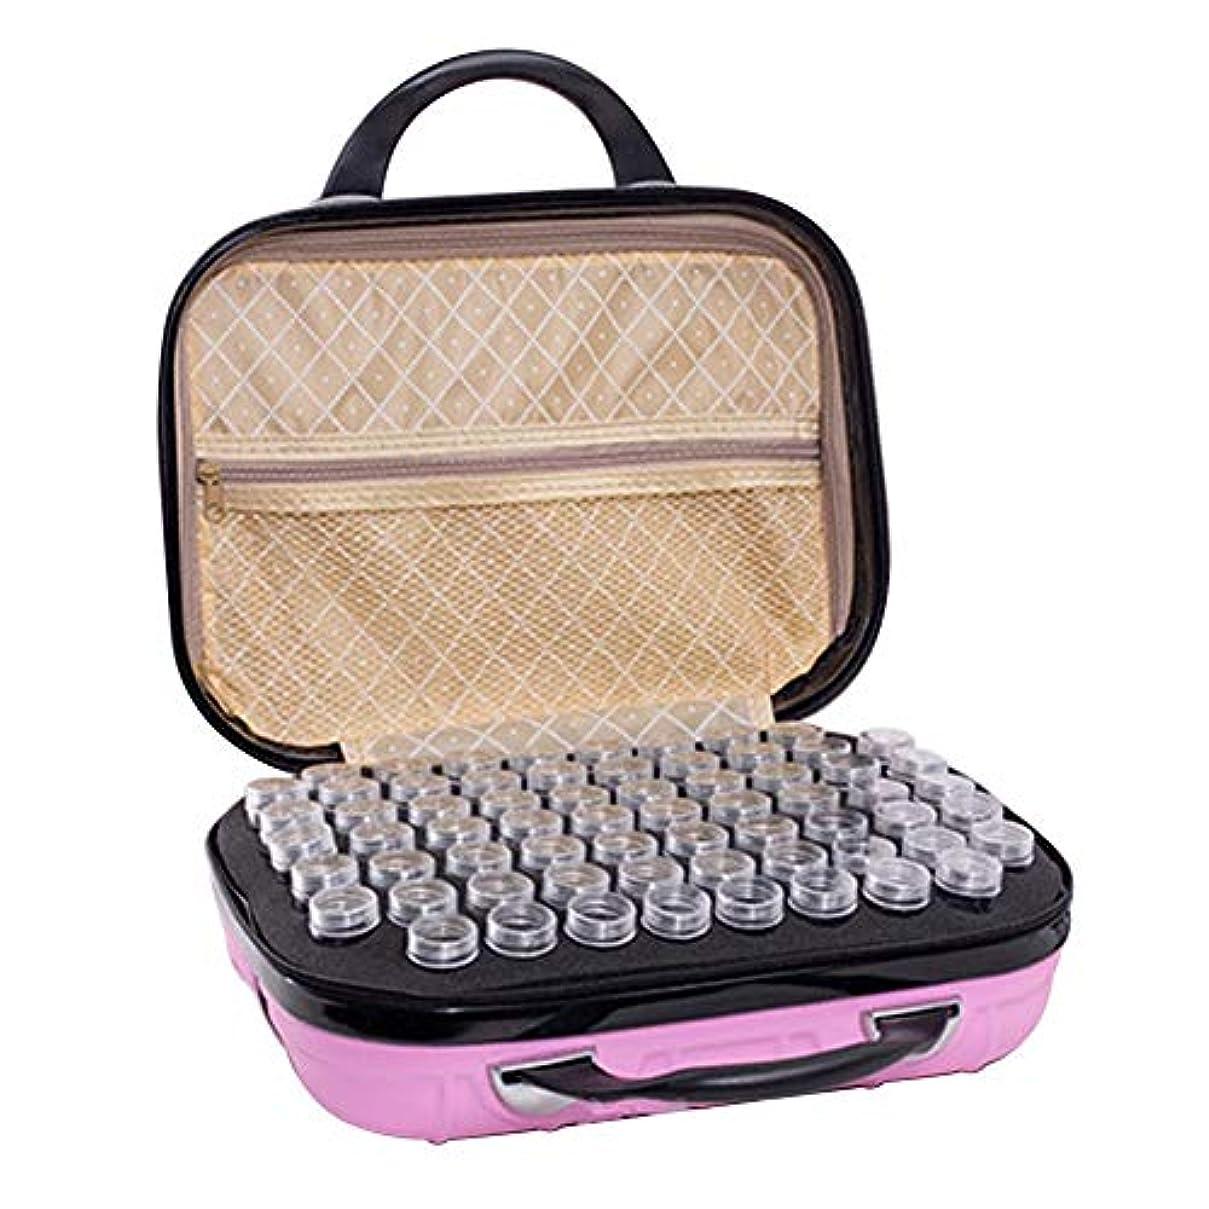 プログラム早熟中止します精油収納ボックス エッセンシャルオイルケース 携帯用 香水収納バッグ アロマケース 精油ケース 大容量 傷防止 耐衝撃 アロマセラピストポーチ エッセンシャルオイル収納ボックス